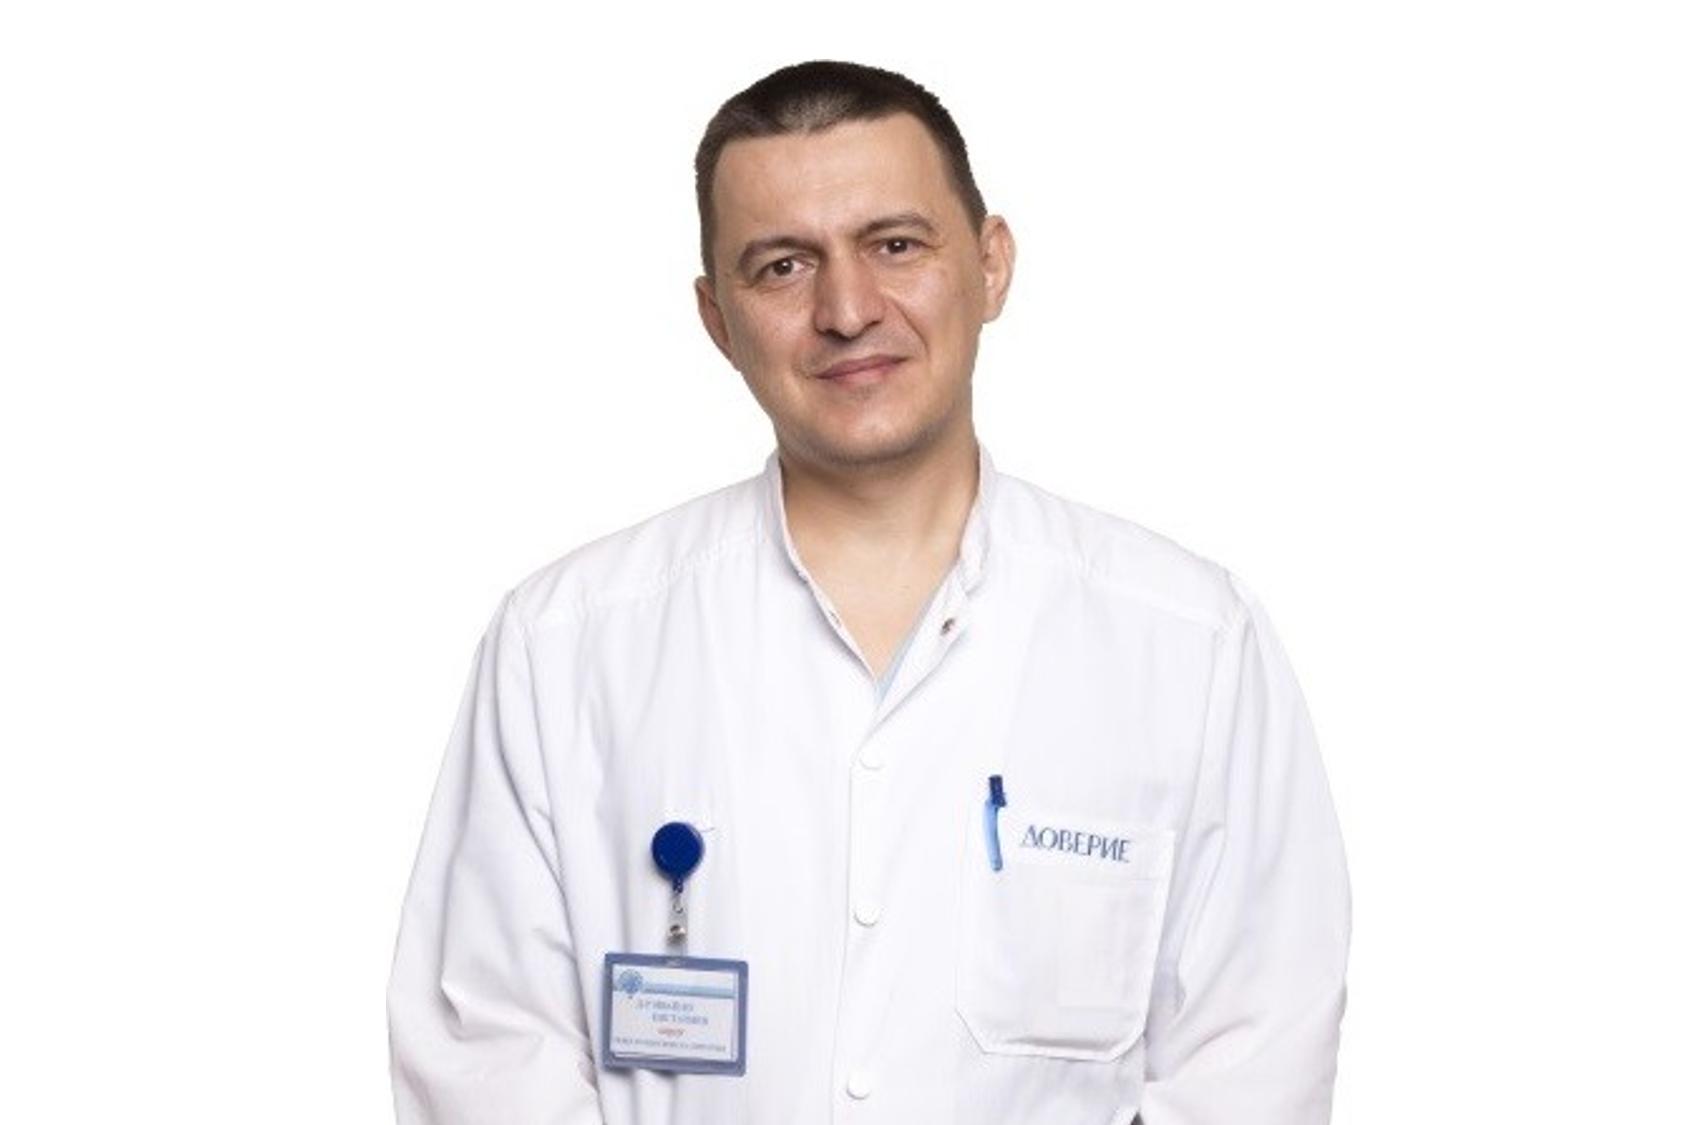 dr-evstatiev-koremen-hirurg